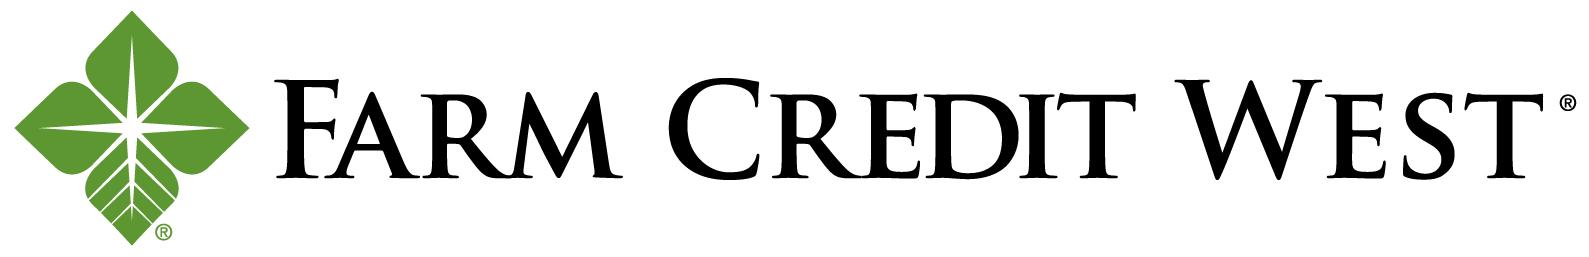 Farm Credit West logo